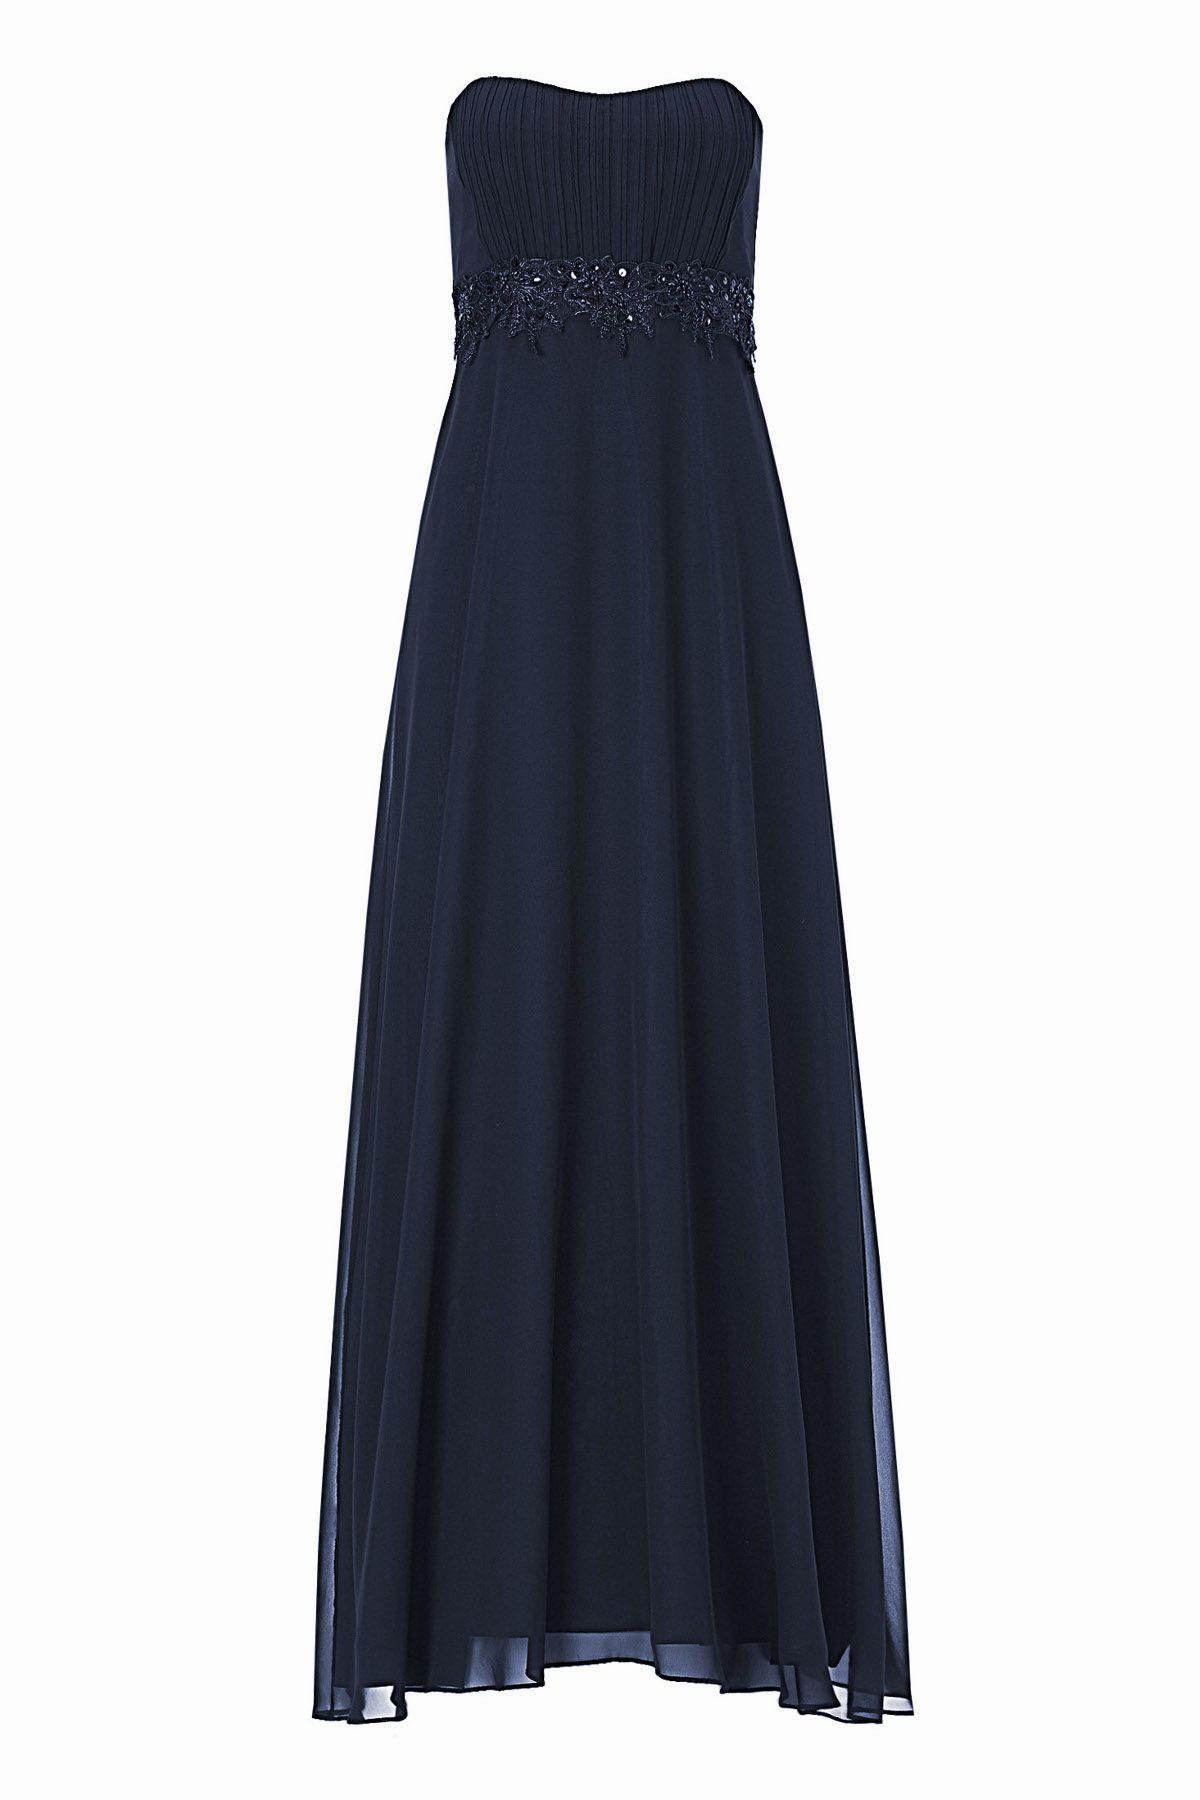 Abendkleid Chiffon dunkelblau Vera Mont  Mode Bösckens